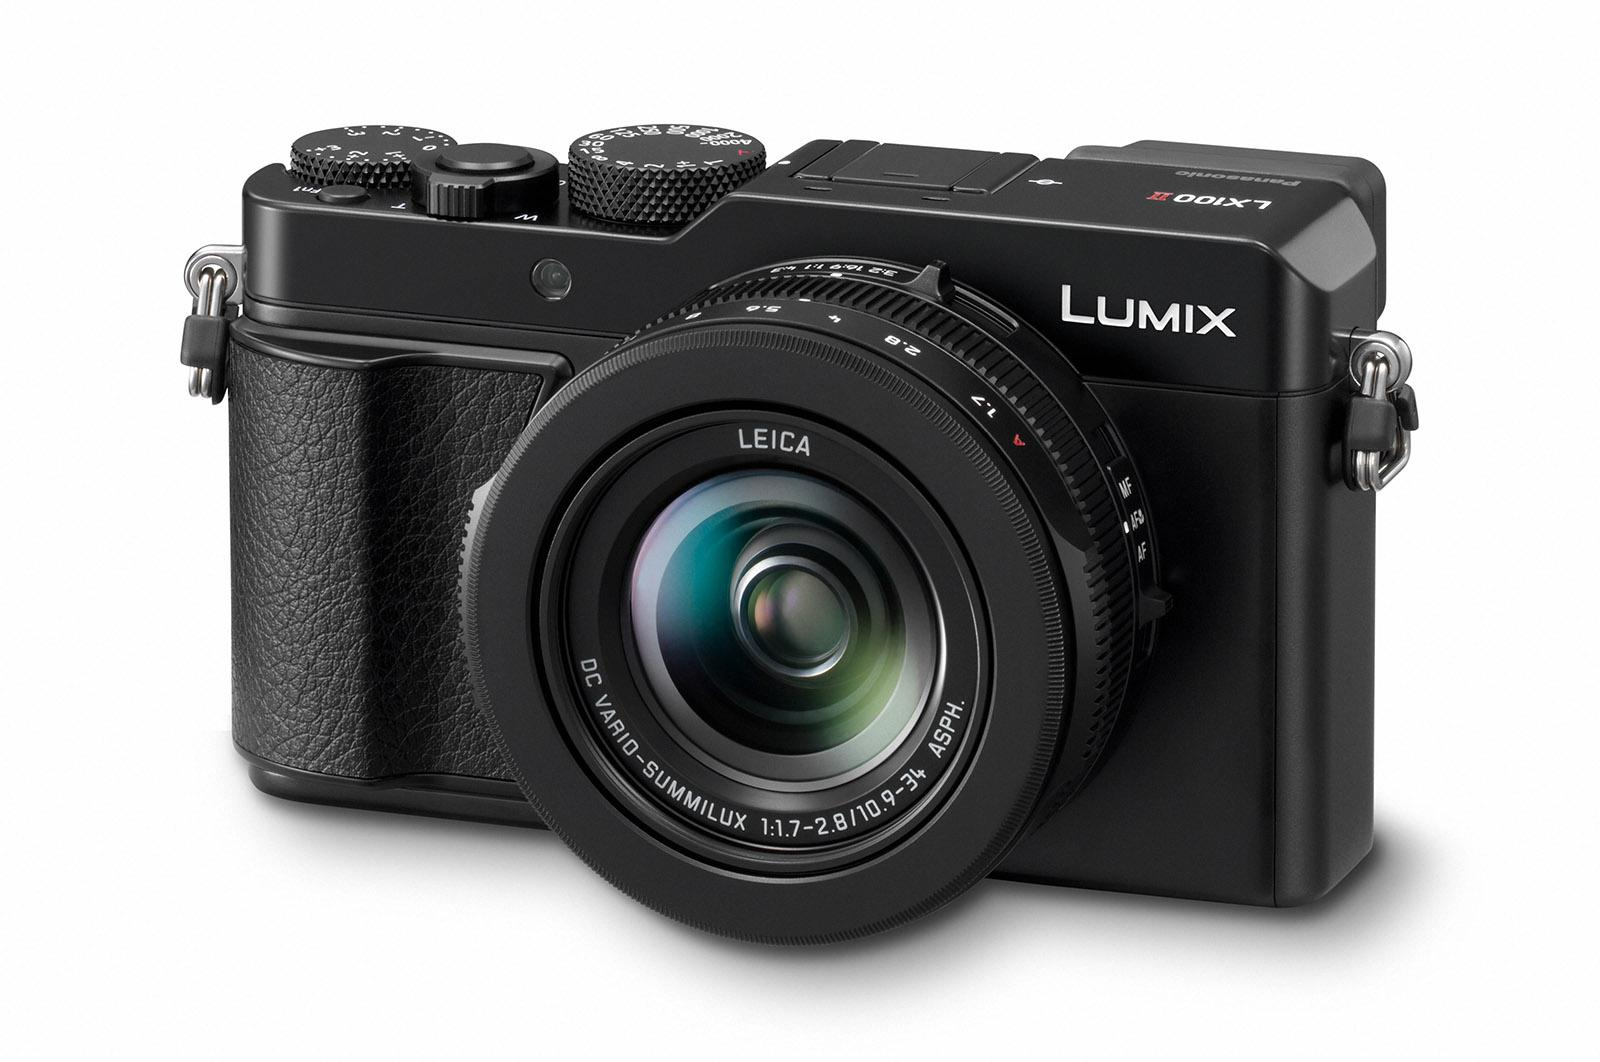 松下发布Lumix LX系列新相机 预计10月上市